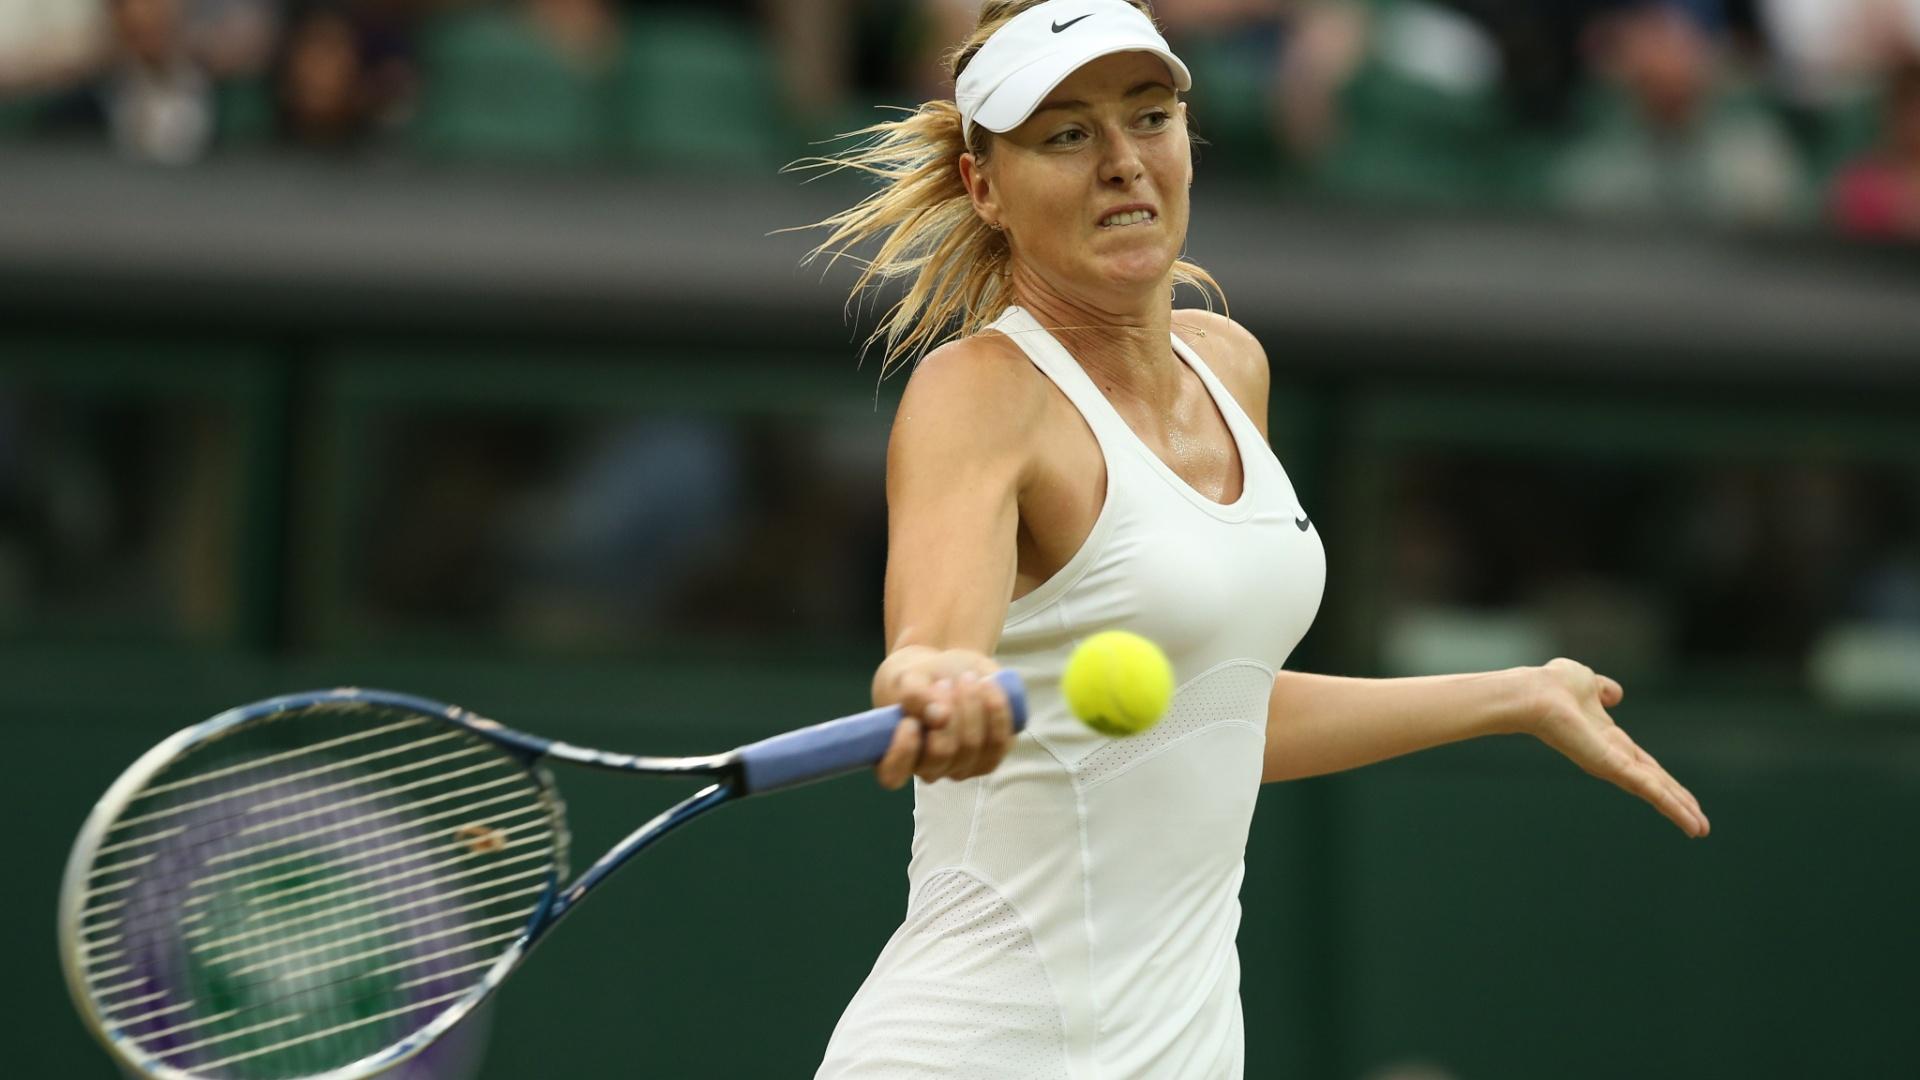 Maria Sharapova acerta golpe de direita durante confronto com Alison Riske, em Wimbledon